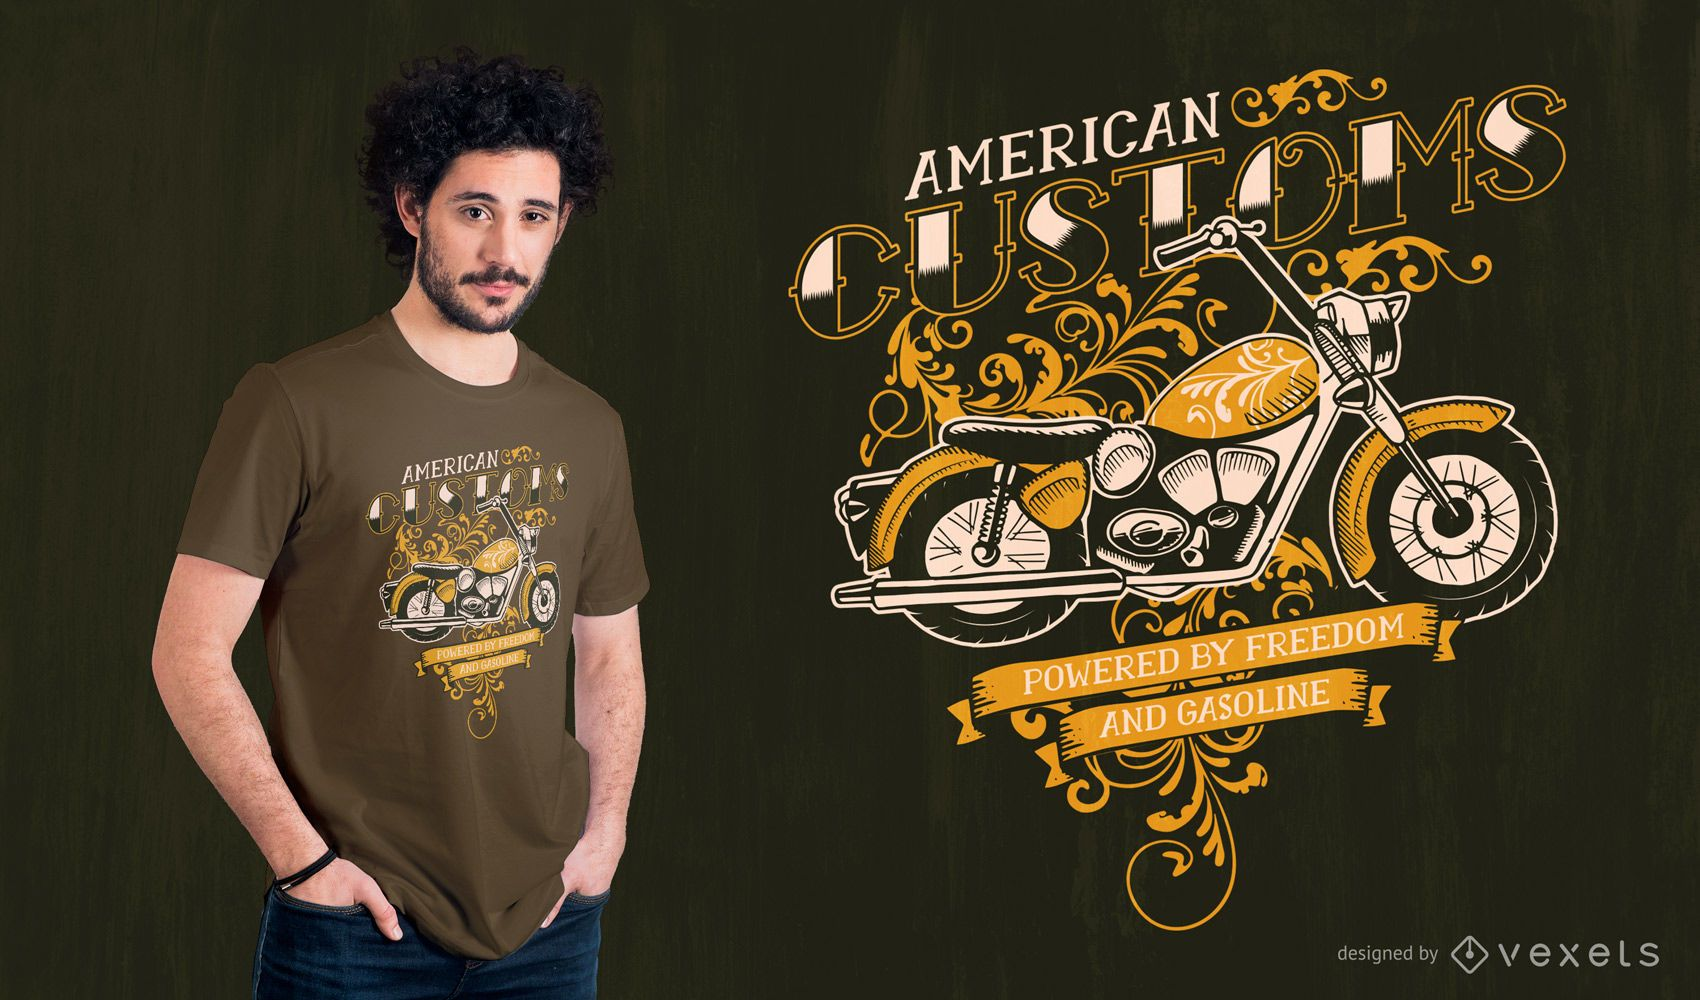 Diseño de camiseta de motocicleta aduanera estadounidense.